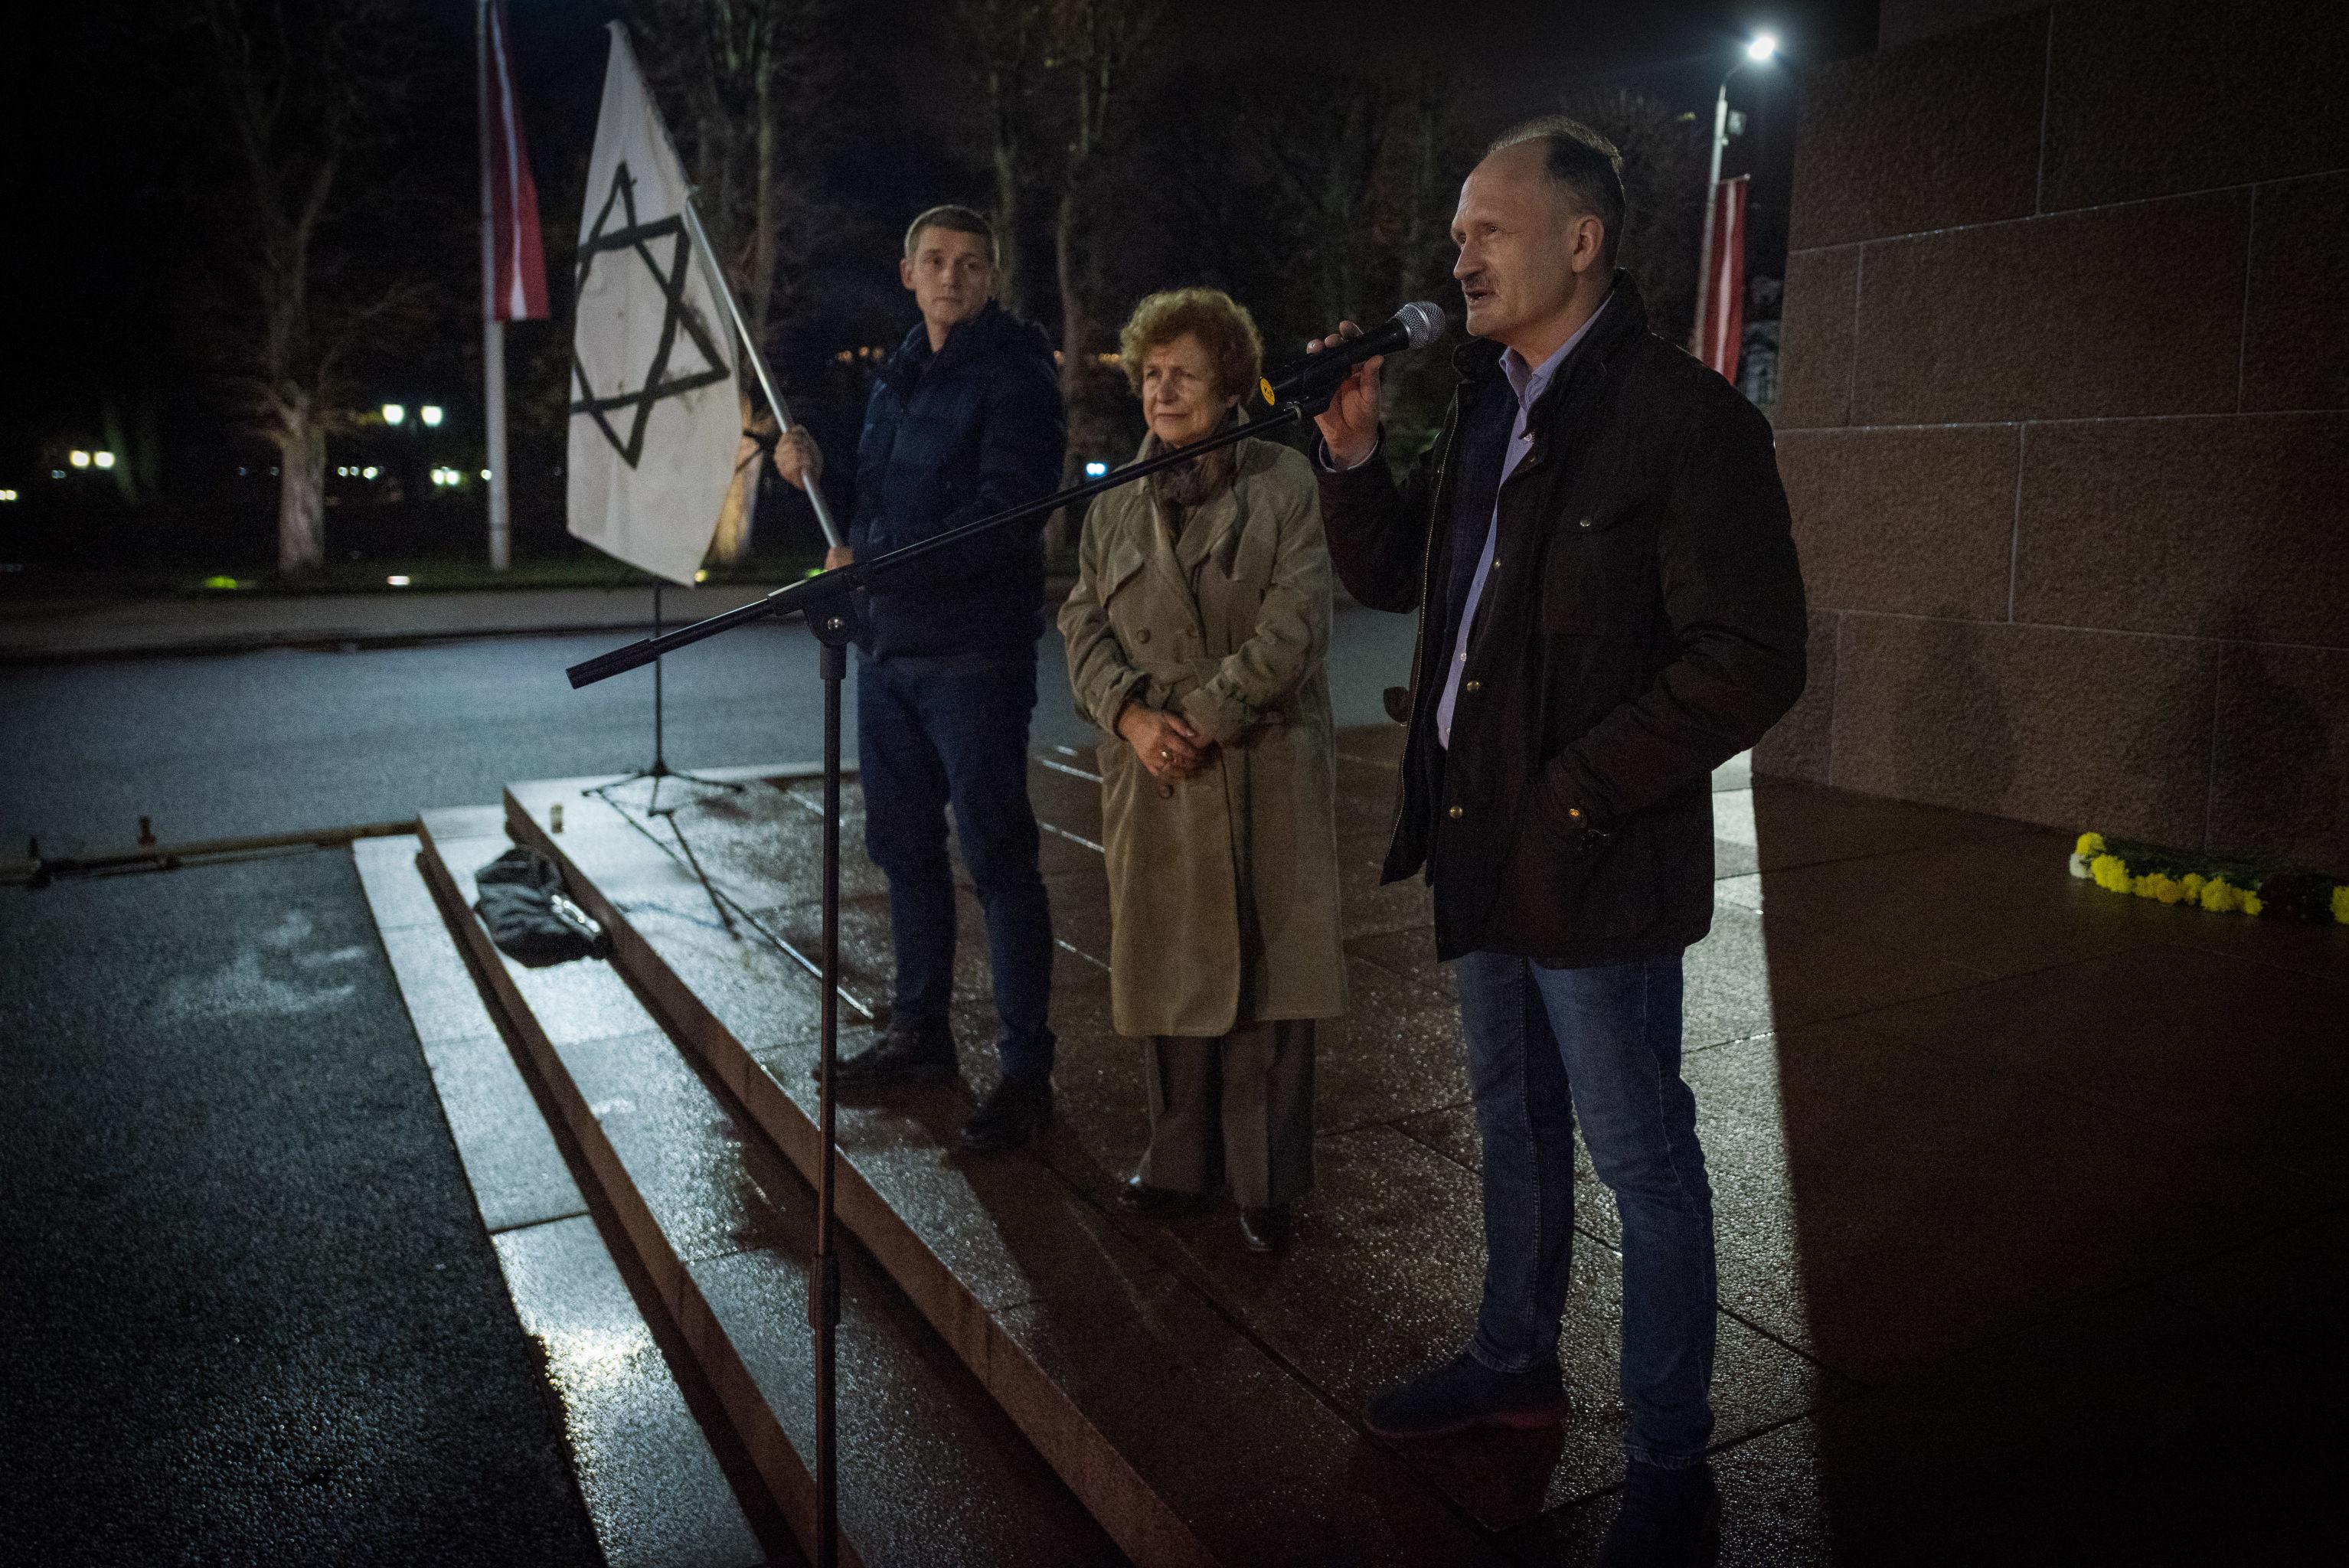 Мирослав Митрофанов на мероприятии, посвященном годовщине Хрустальной ночи, Рига, 9 ноября 2019